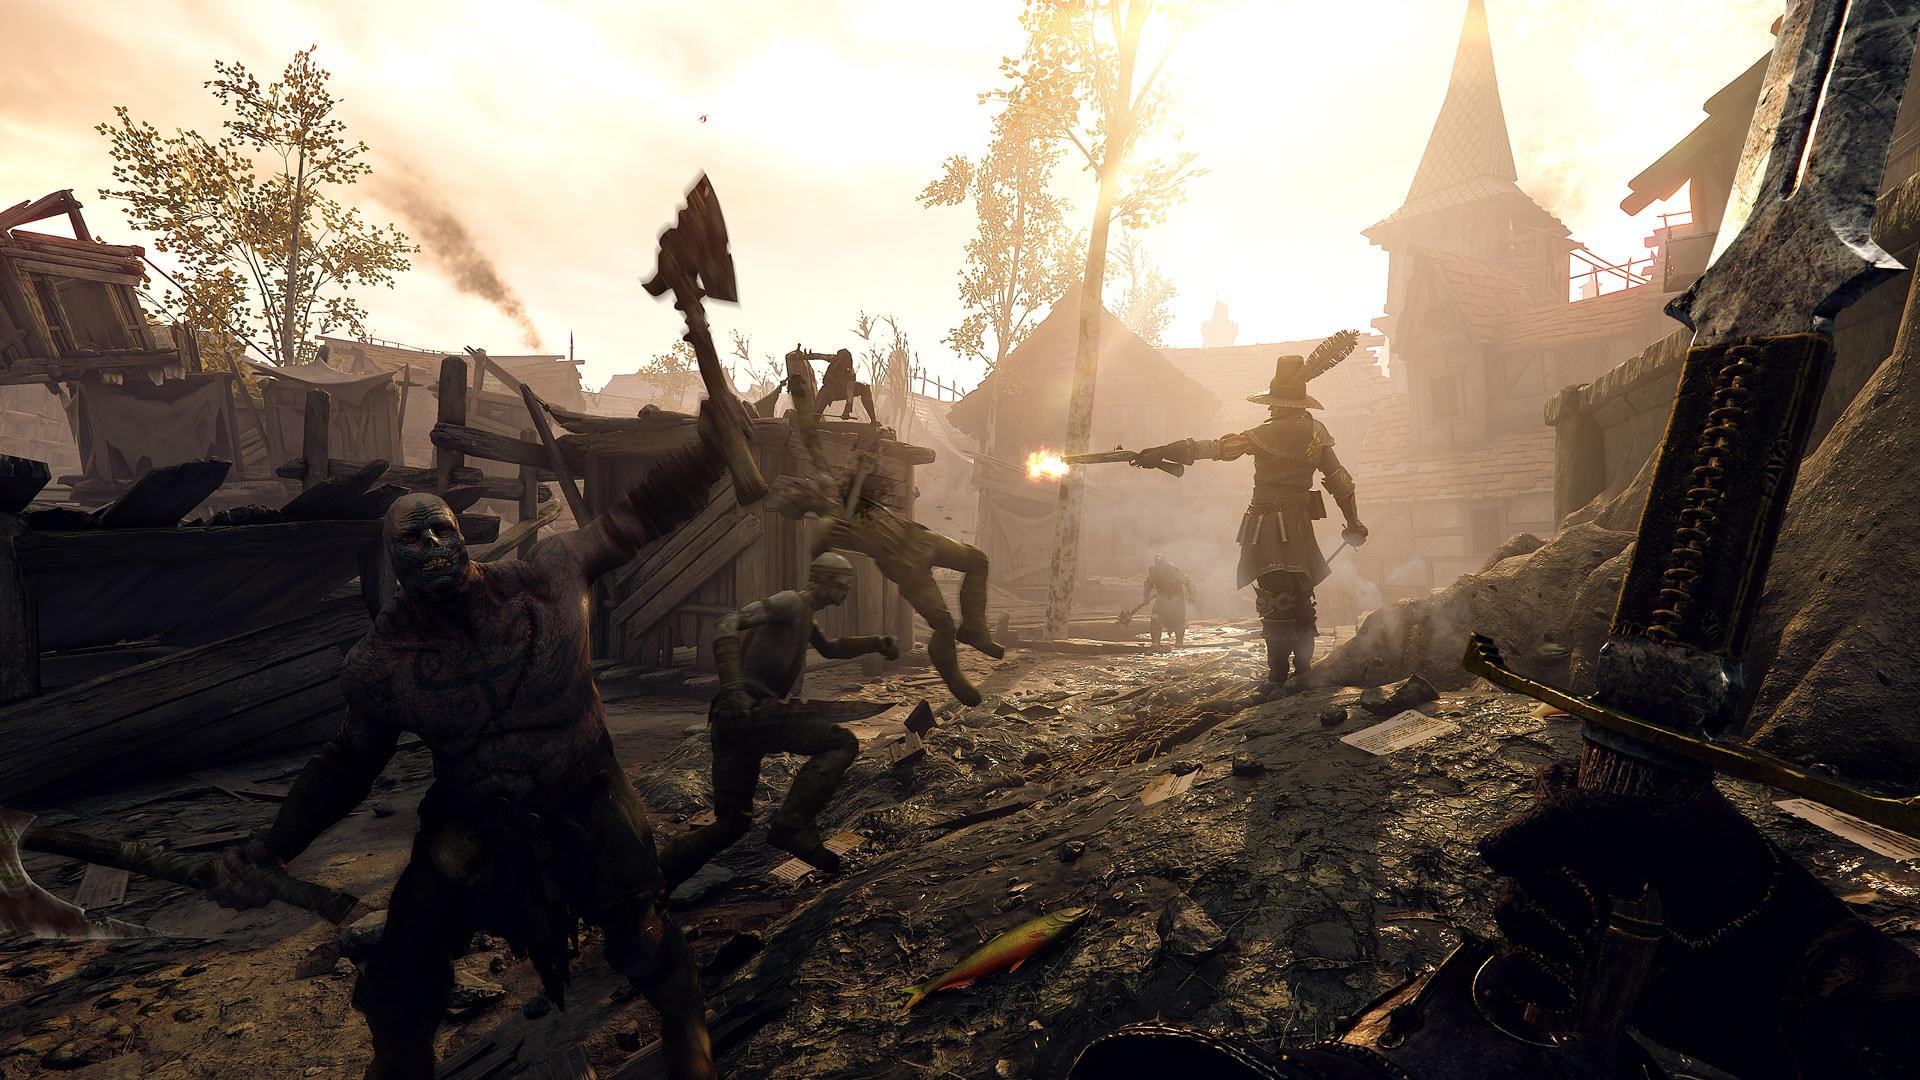 Warhammer: Vermintide 2 - Shadows Over Bögenhafen (PC) - Steam Key - GLOBAL - 3